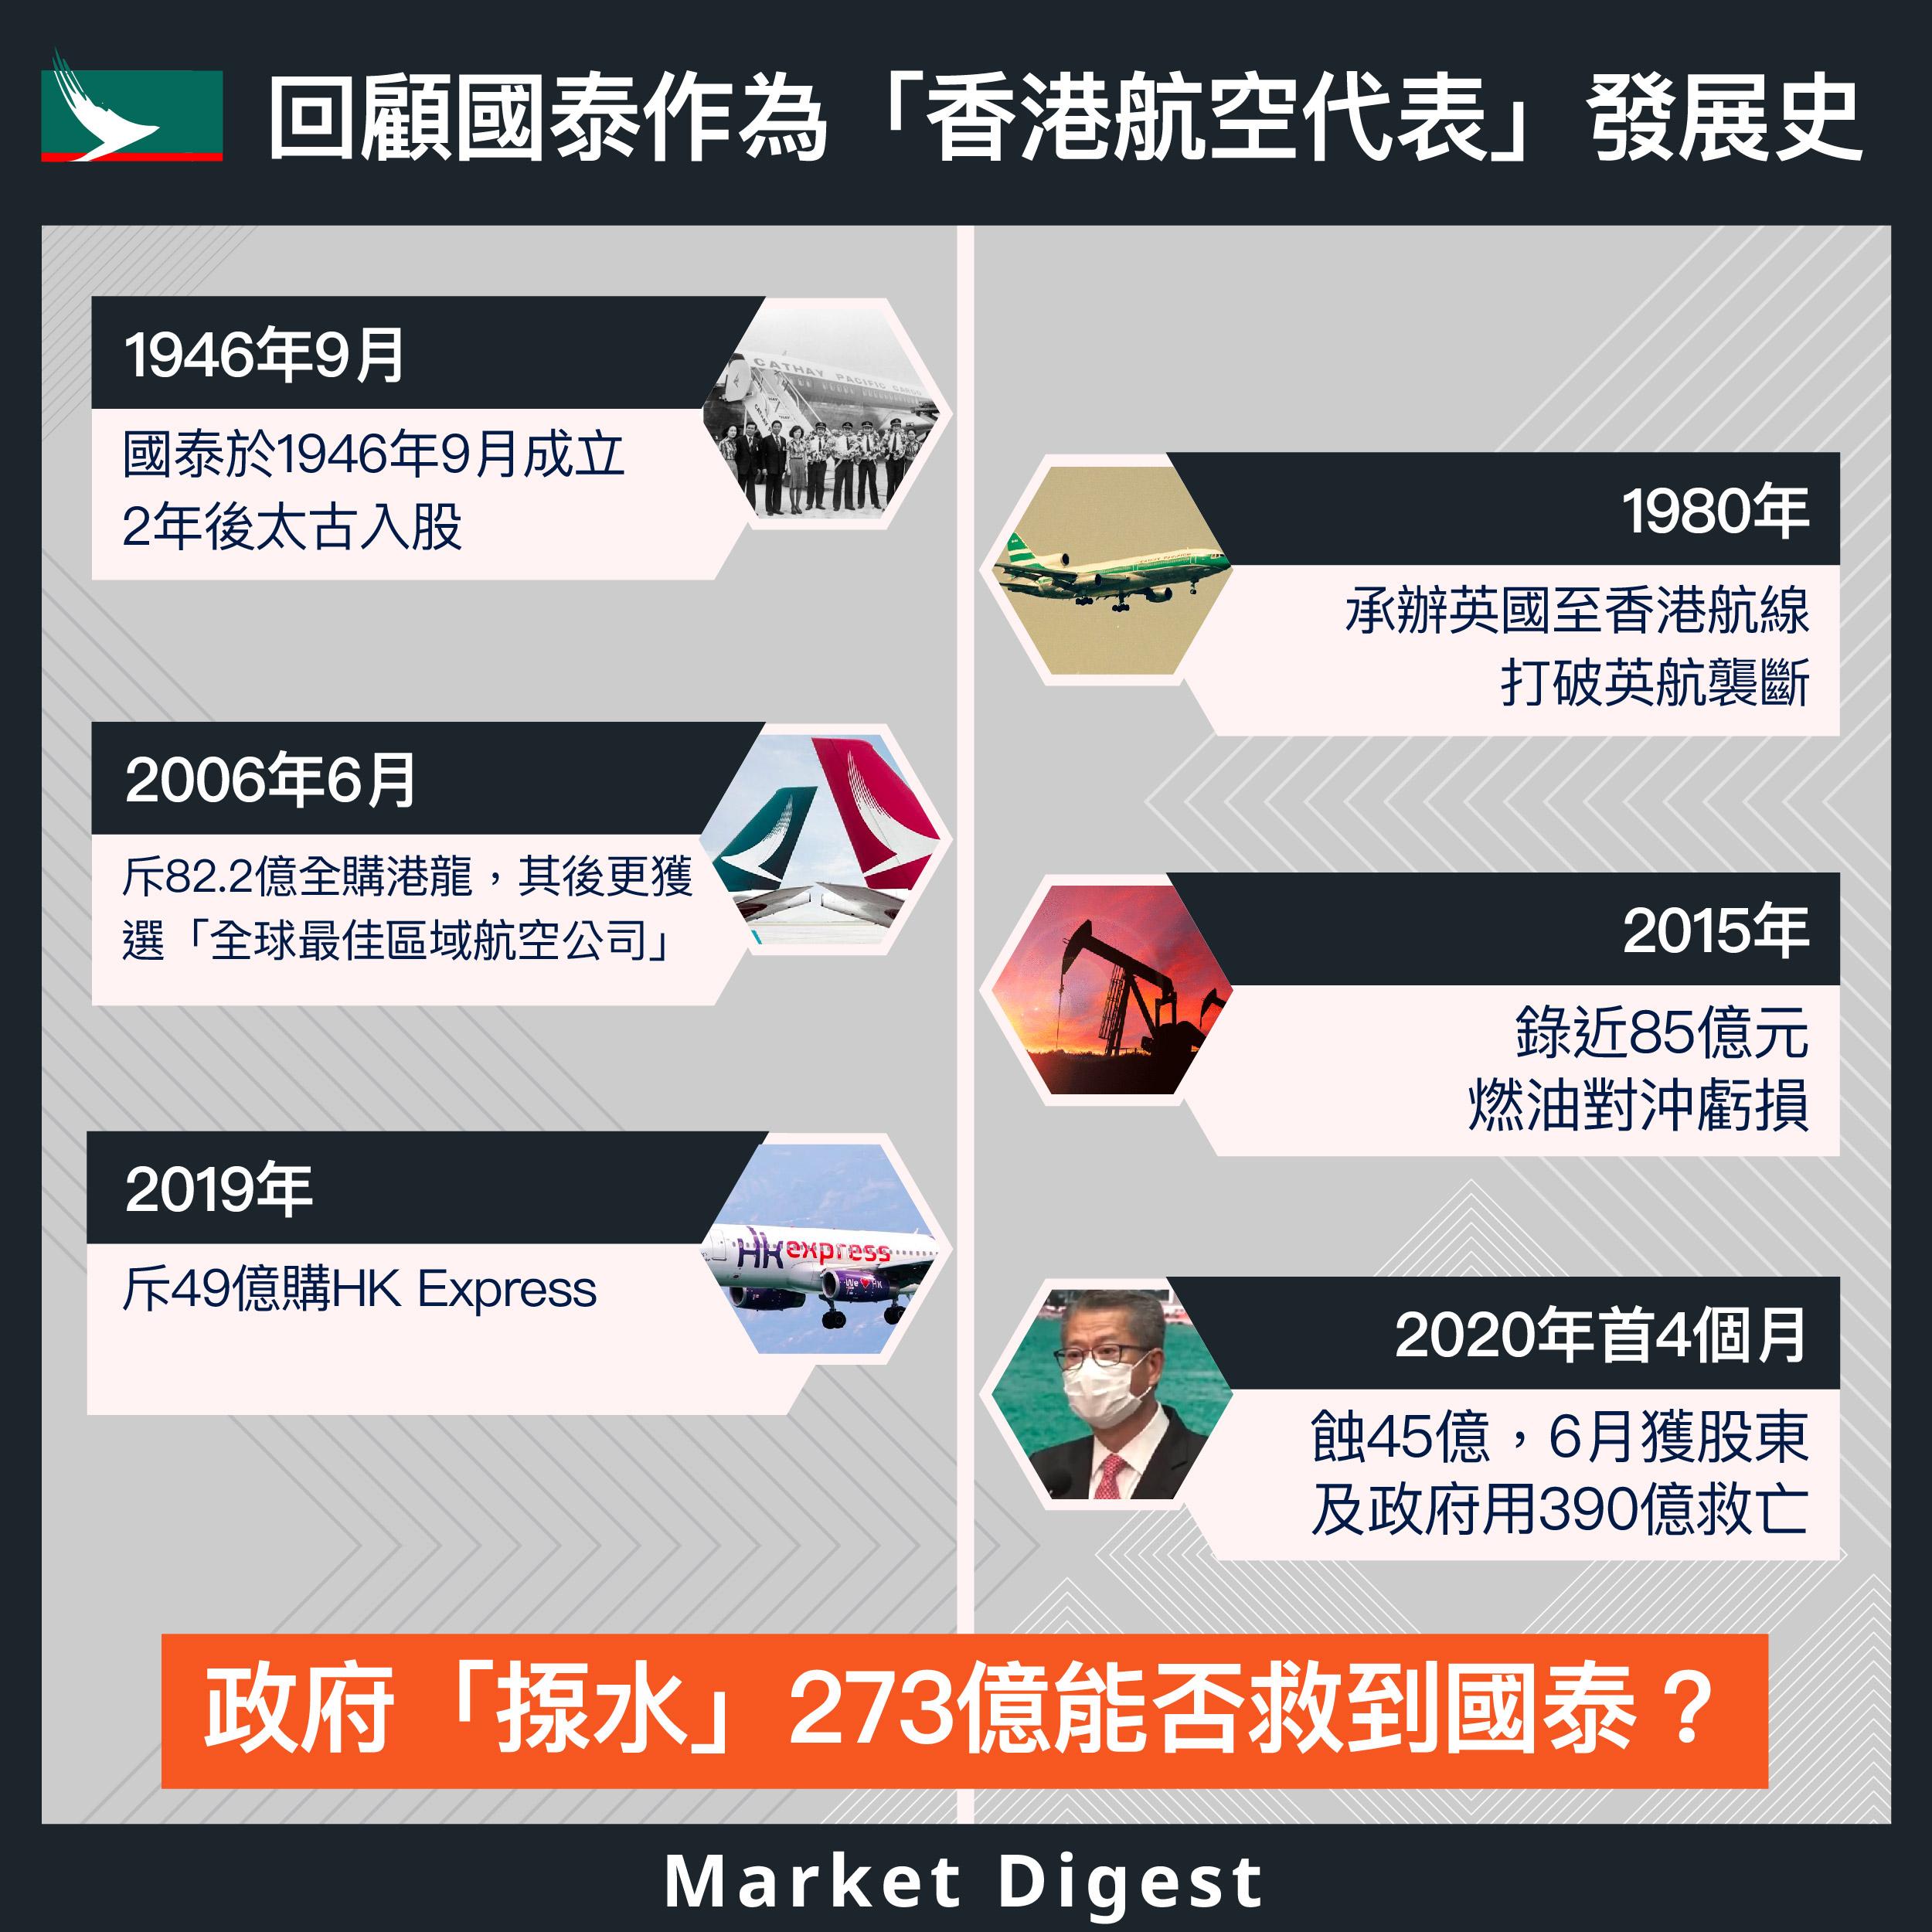 【港股變遷史】國泰因世紀疫症推390億救亡計劃,回顧「香港航空代表」發展史